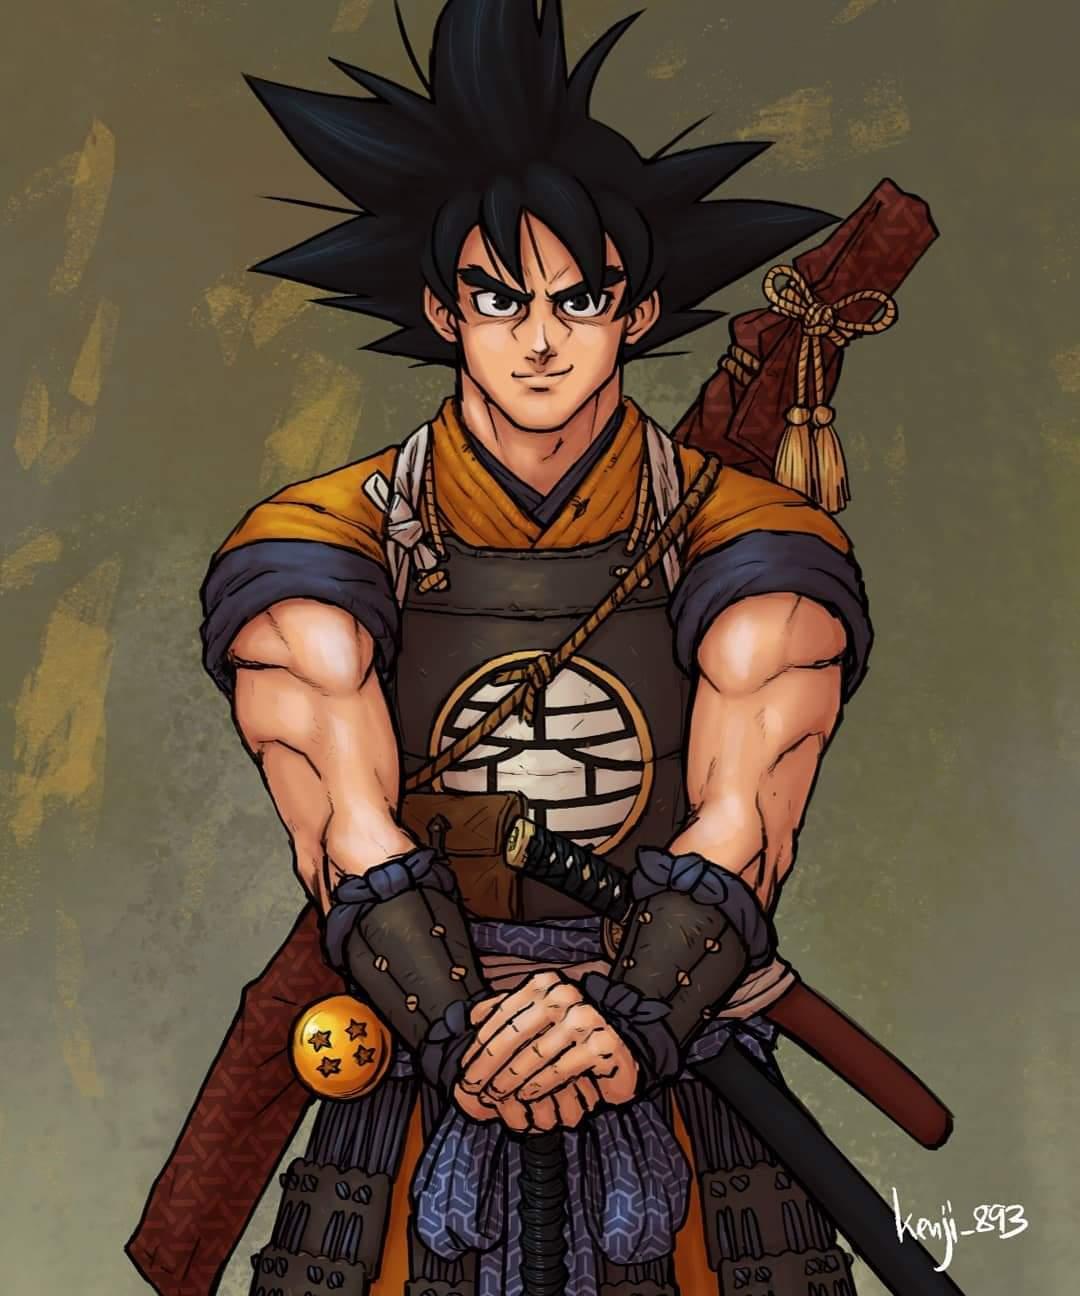 Dragonball Samurai son goku